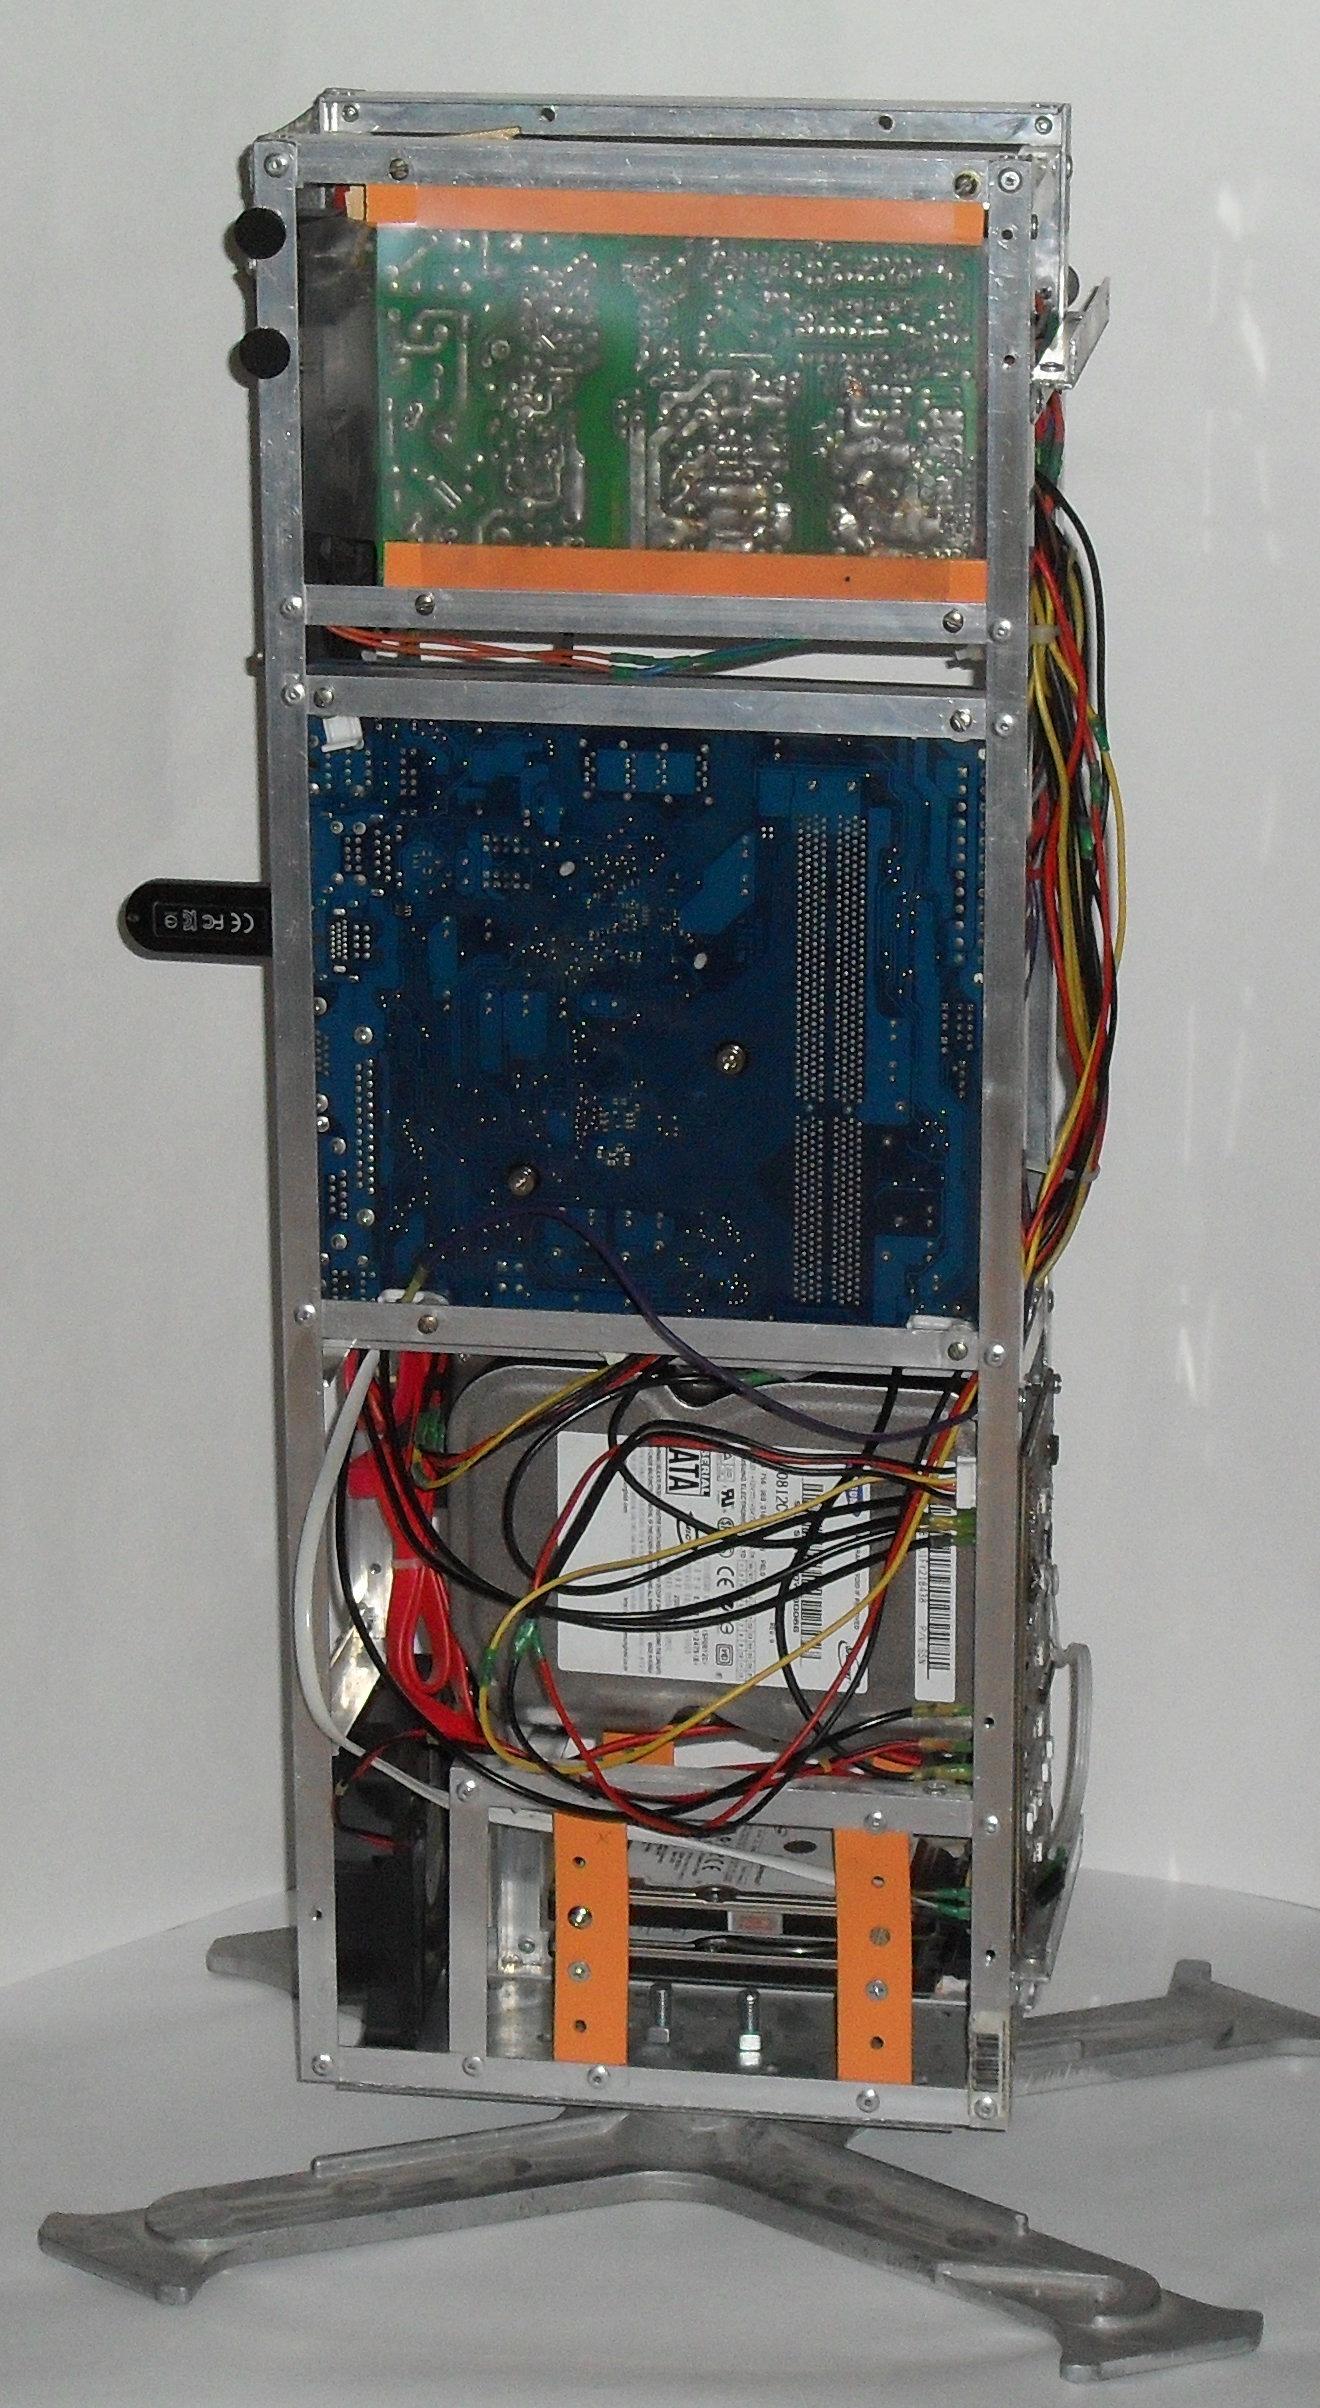 Еще один сервер из подручных средств с претензией на красоту - 29